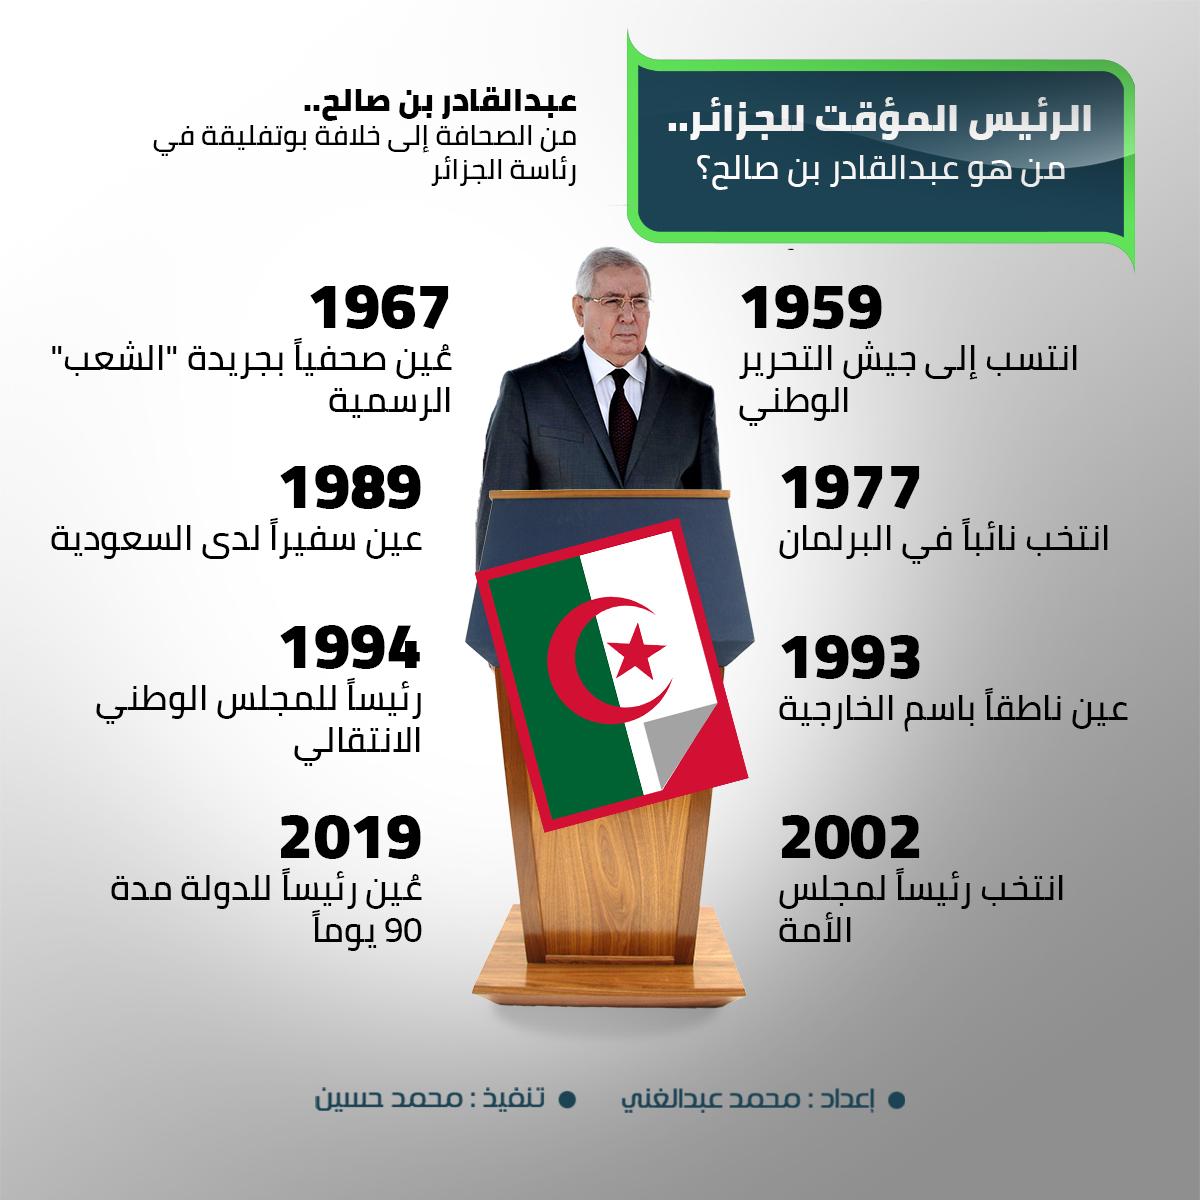 الرئيس المؤقت للجزائر..  من هو عبدالقادر بن صالح؟